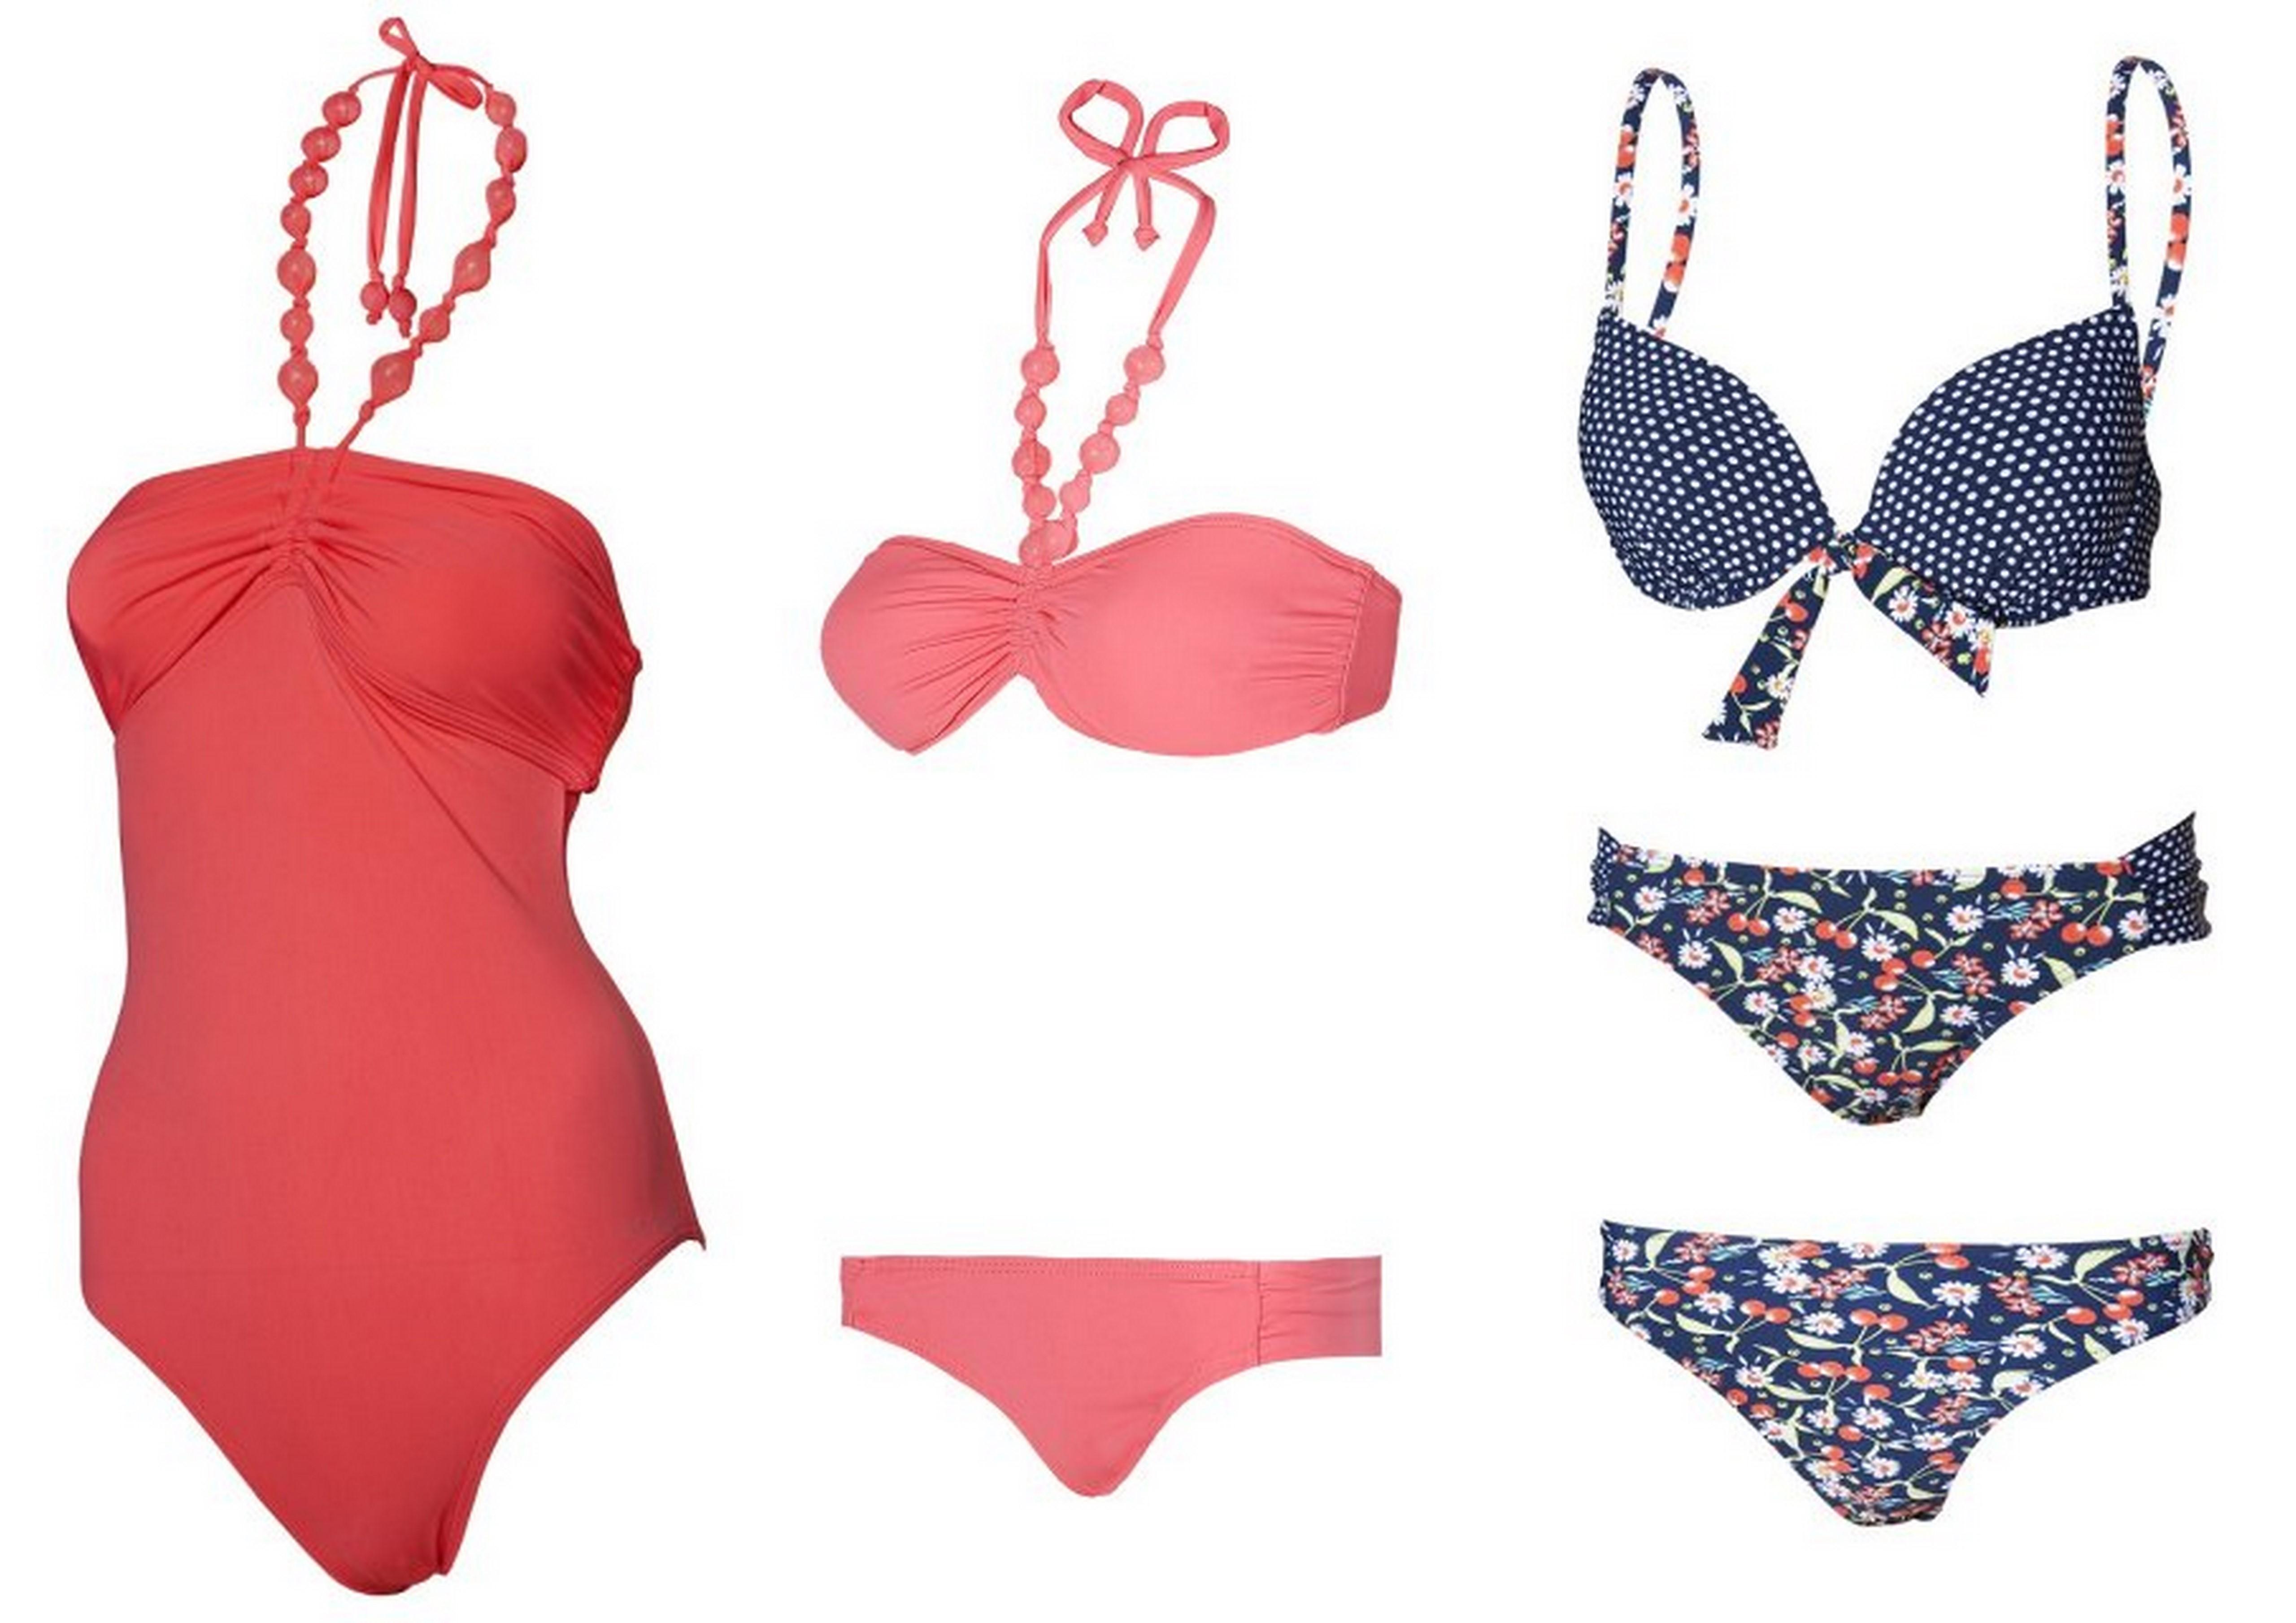 c26a92cb3a6a09 Stroje kąpielowe Atlantic | Moda – najnowsze kolekcje, najtańsze sklepy